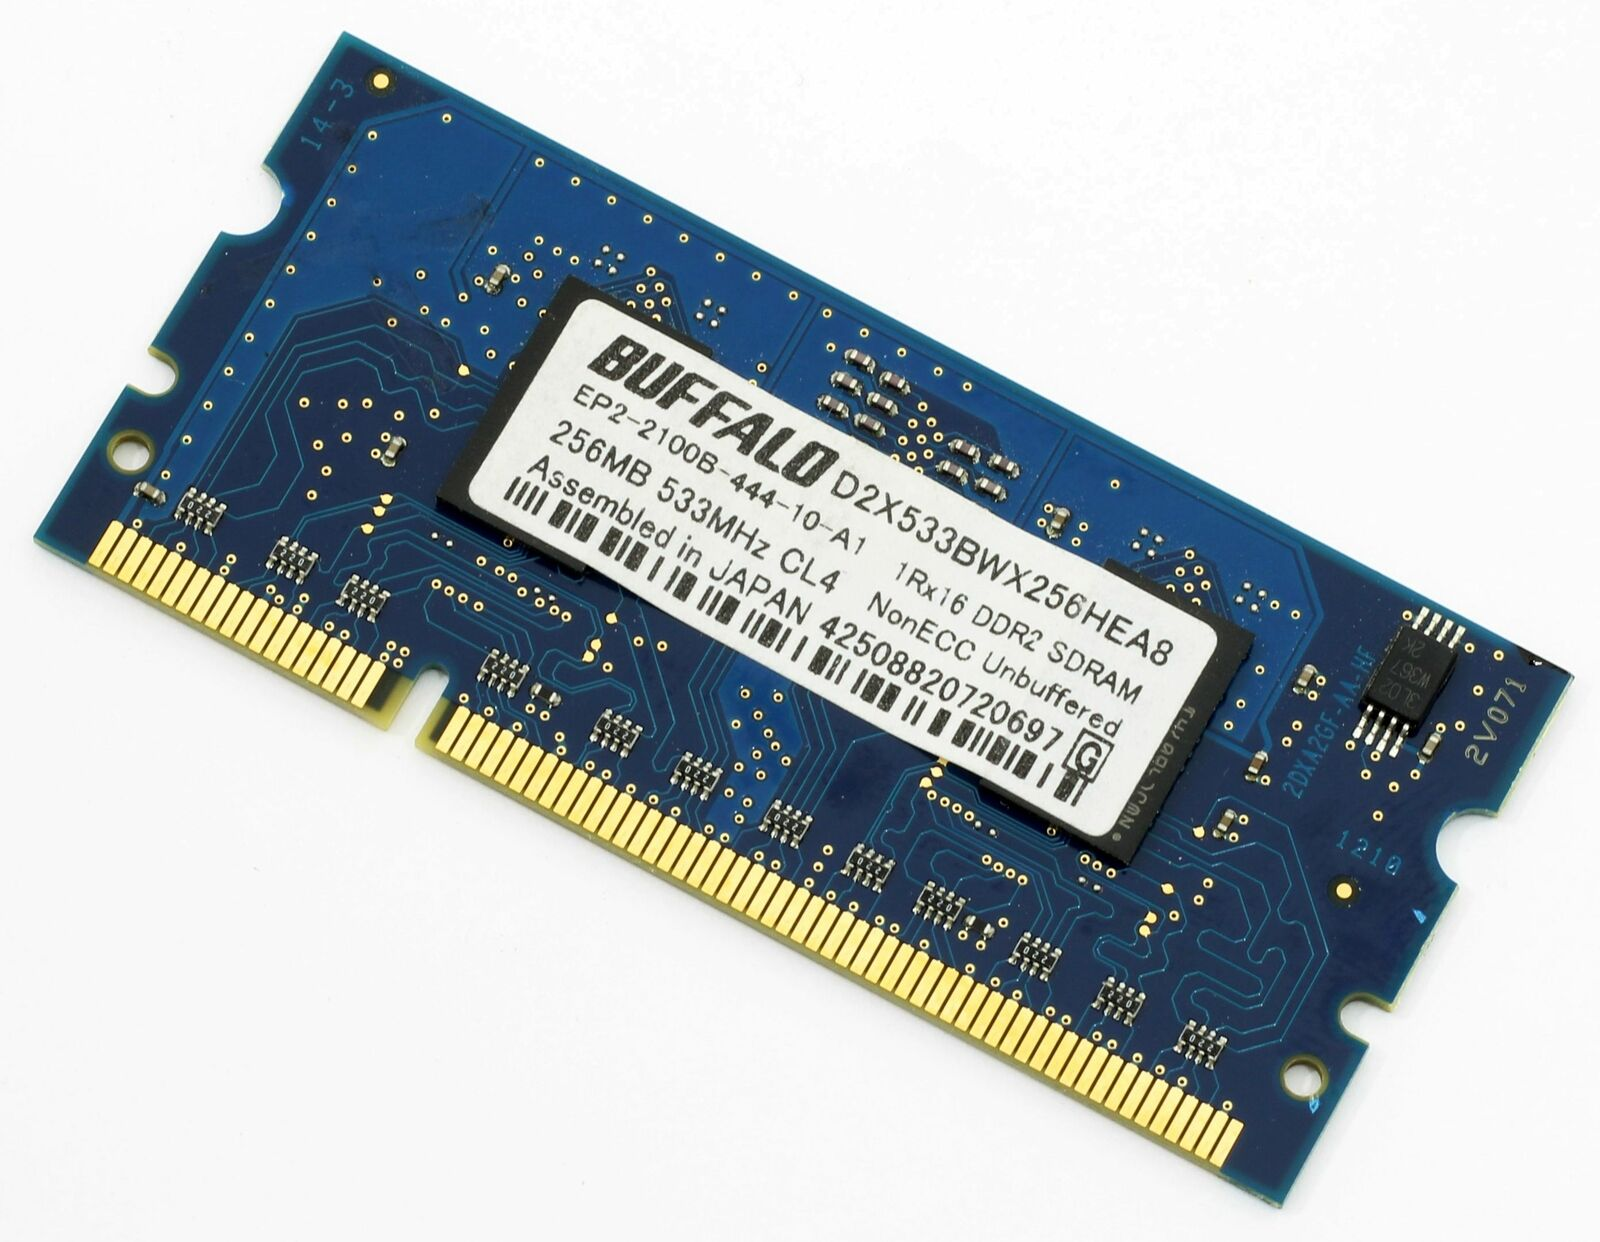 Kyocera mémoire de l'imprimante buffalo d2x533bwx256hea8 256mb fs-c2526mfp